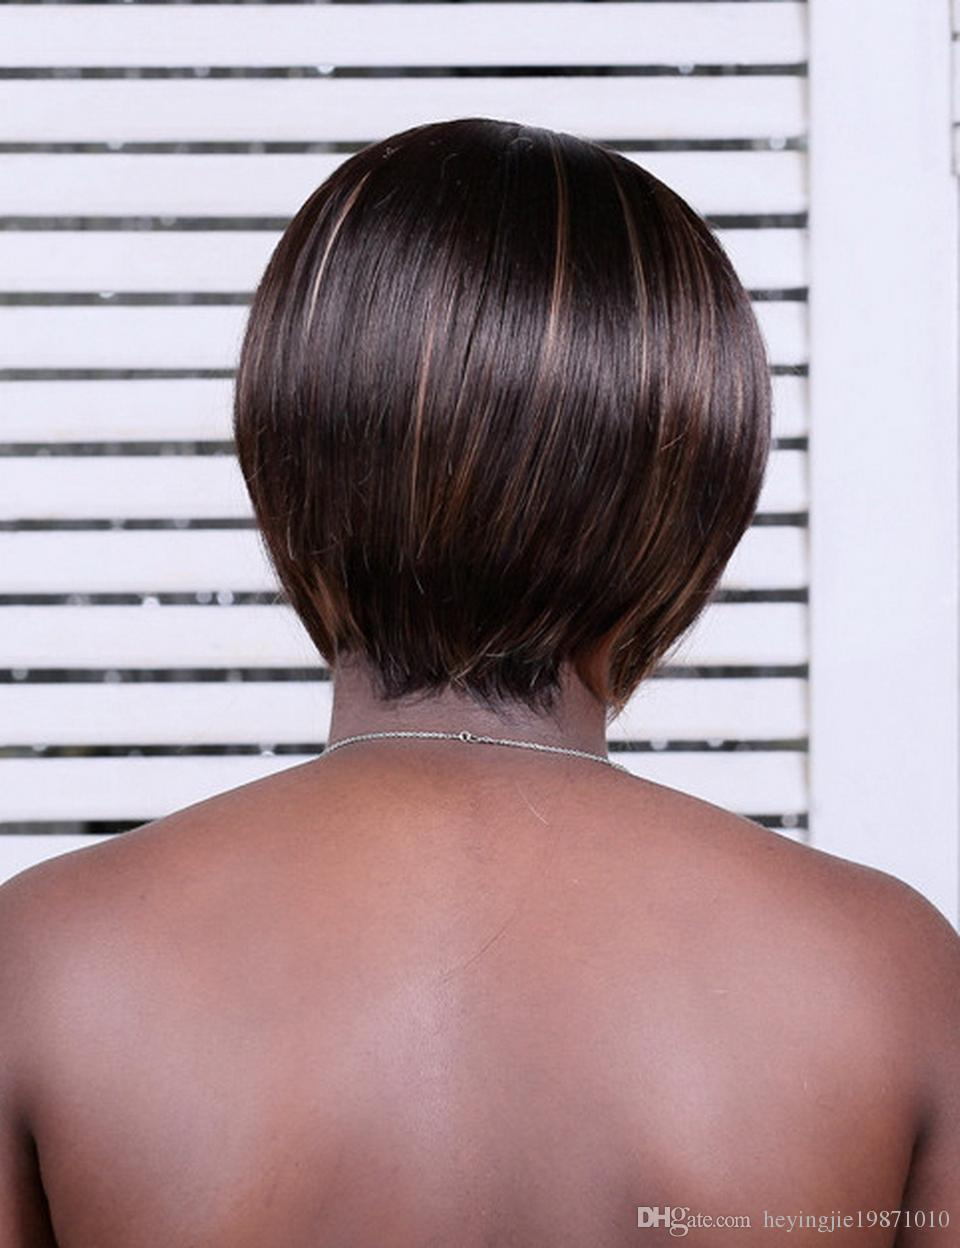 شيوى تشى مى 8 بوصة الاصطناعية يبرز البني قصيرة حلاقة الشعر مع الانفجارات مستقيم الطبيعية بوب الباروكات للنساء السود الشحن مجانا